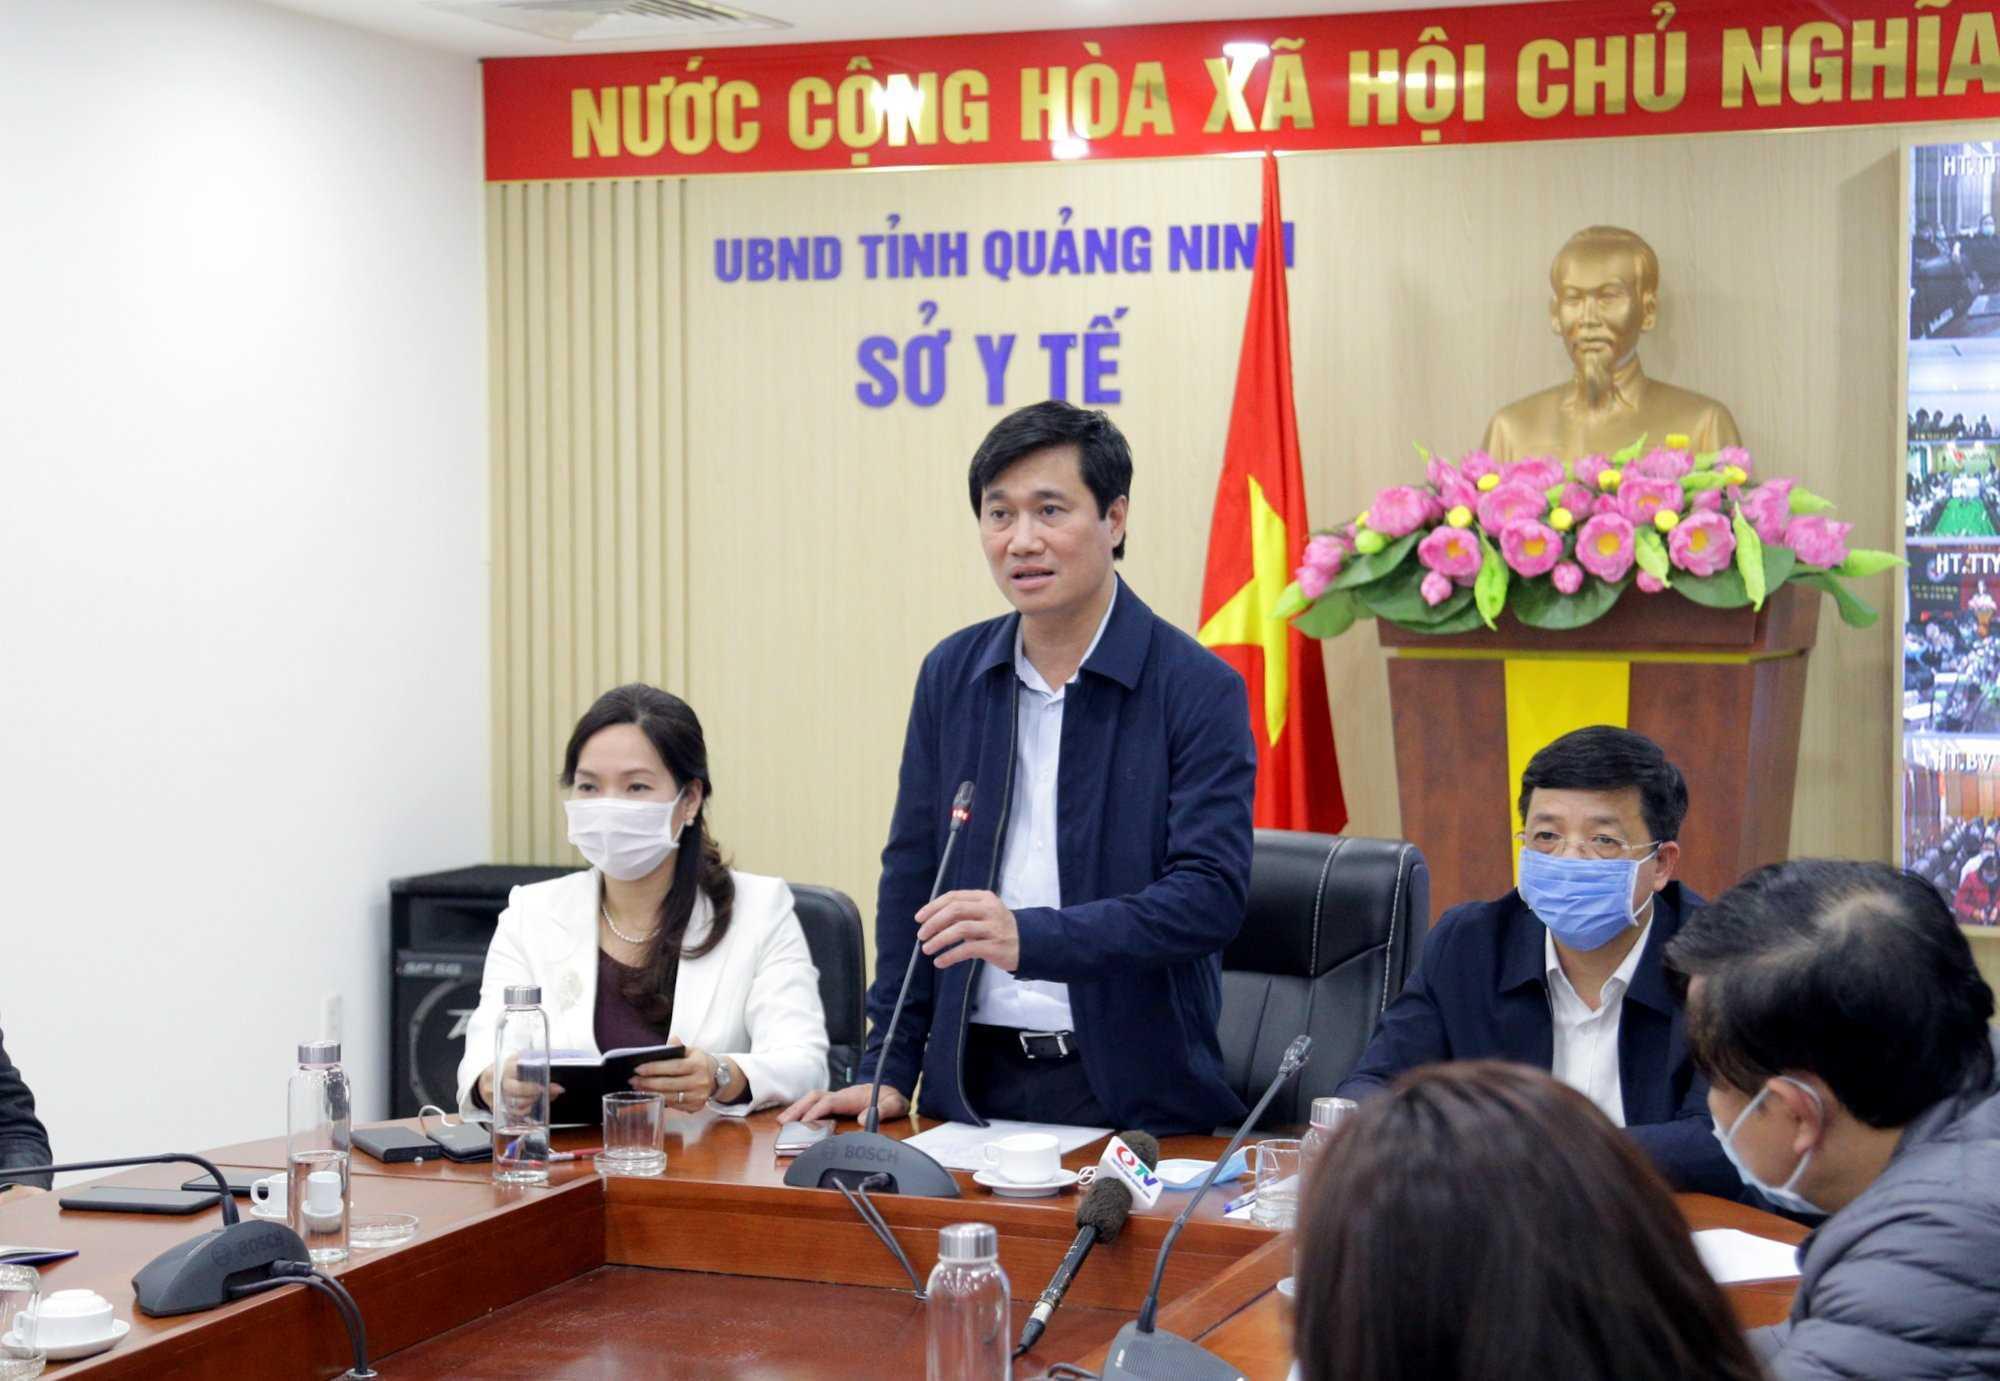 Hải Dương, Quảng Ninh cho toàn bộ học sinh nghỉ học